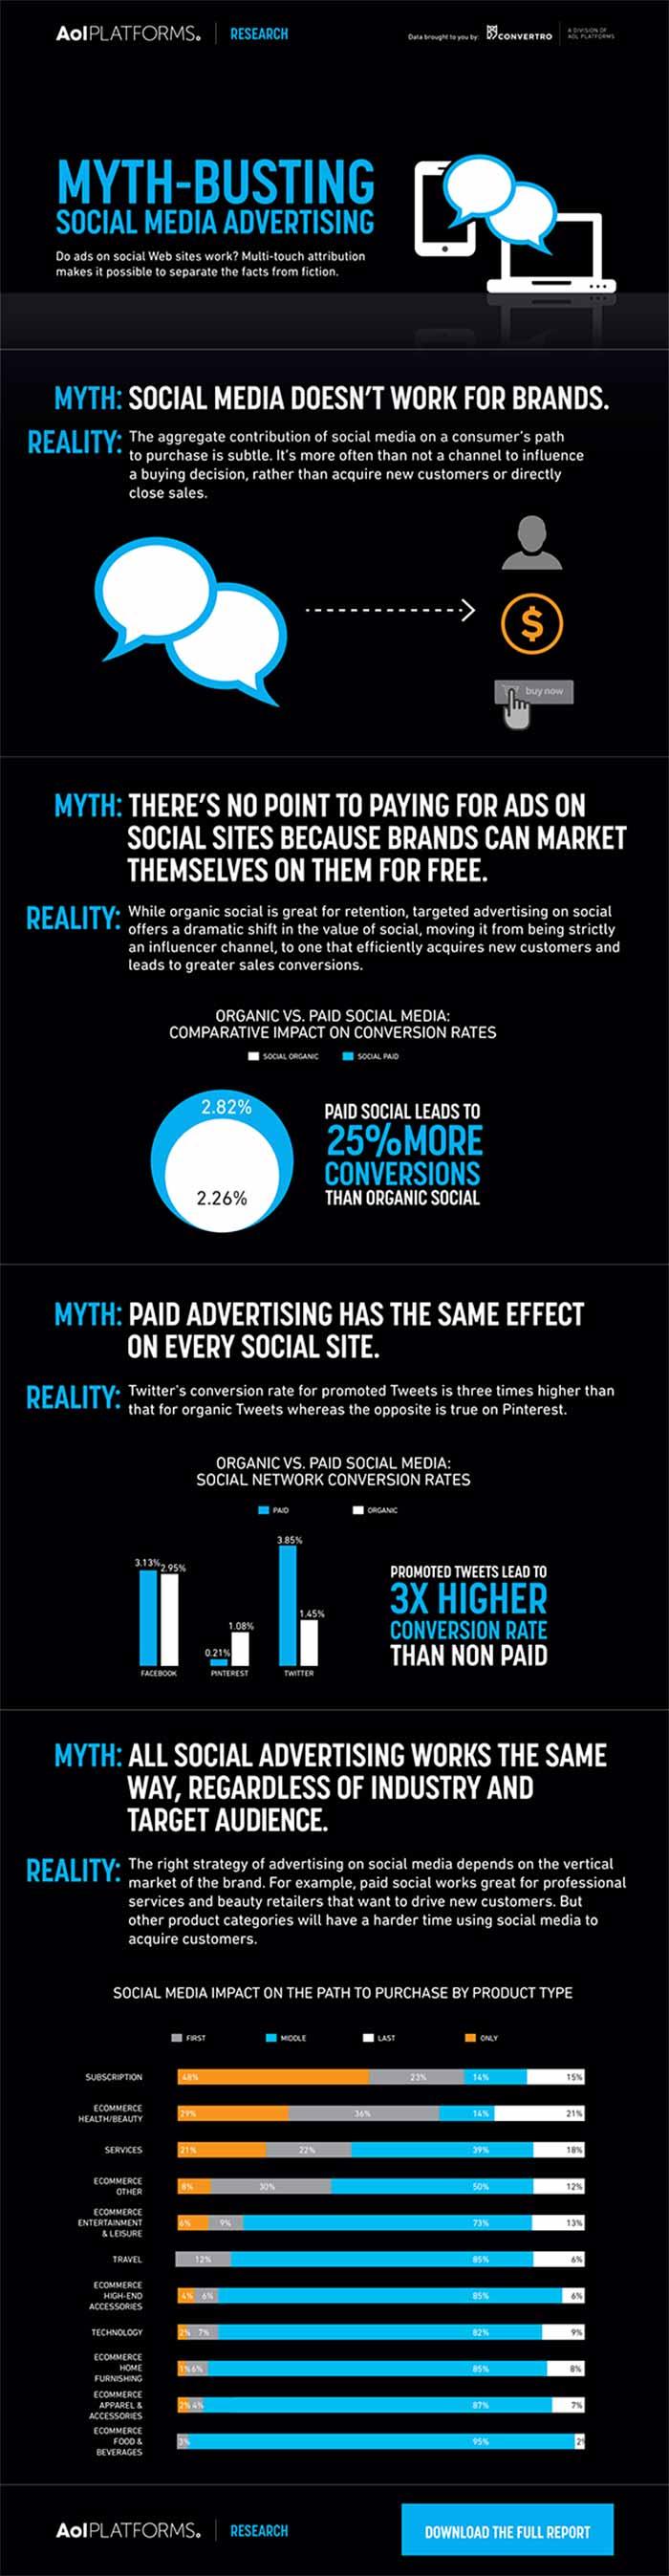 Infografia sobre mitos en la publicidad en redes sociales